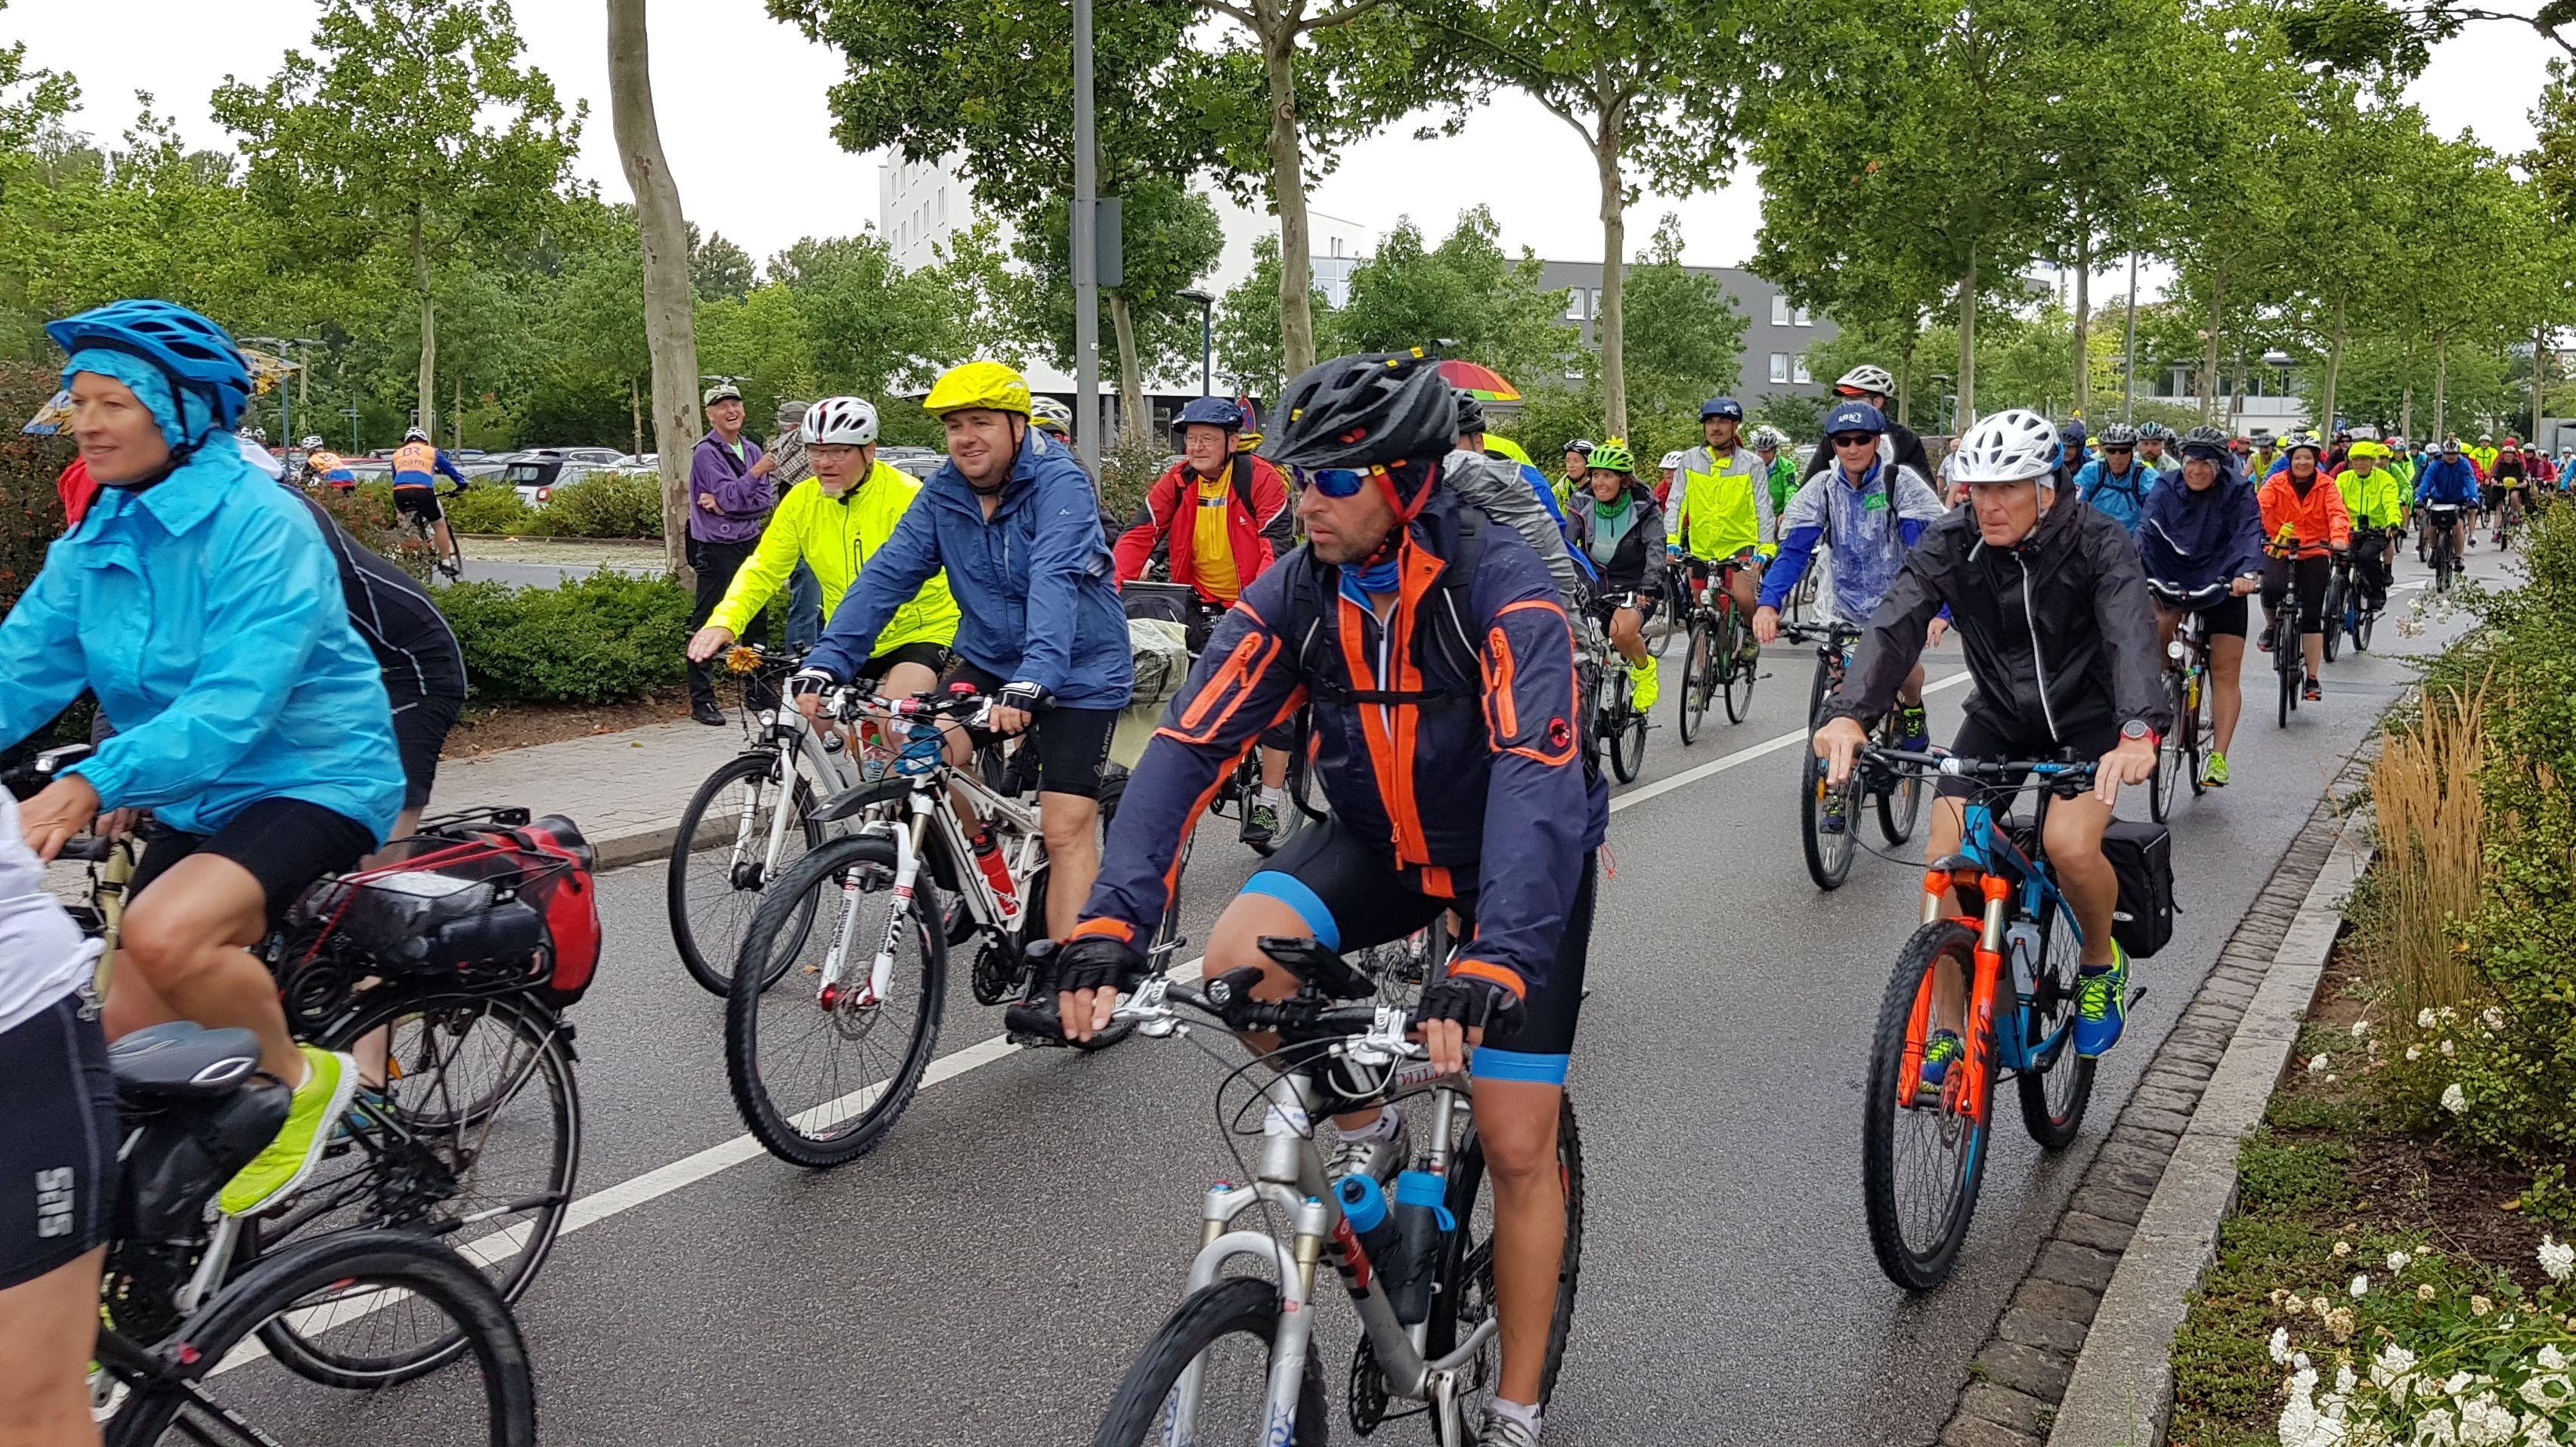 Am Mittag sind die 1.100 Teilnehmer der BR-Radltour in Amberg eingetroffen.